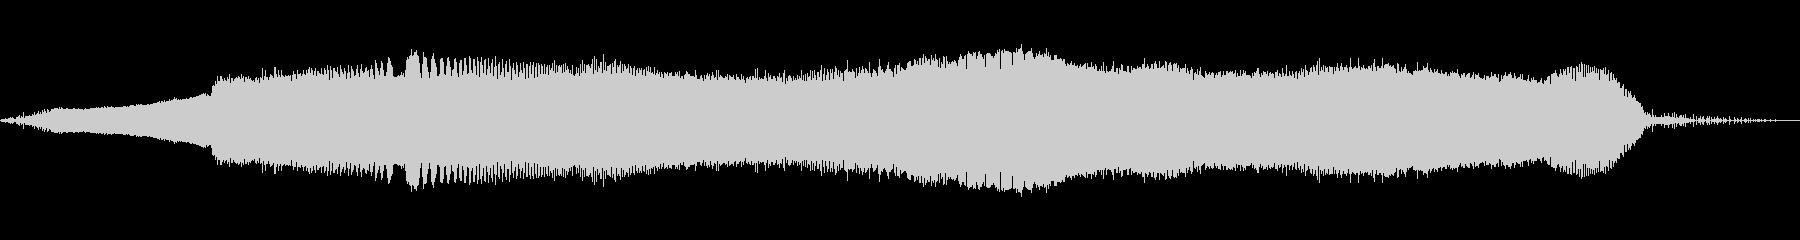 トーンアラーム不協和音ロングWAVの未再生の波形